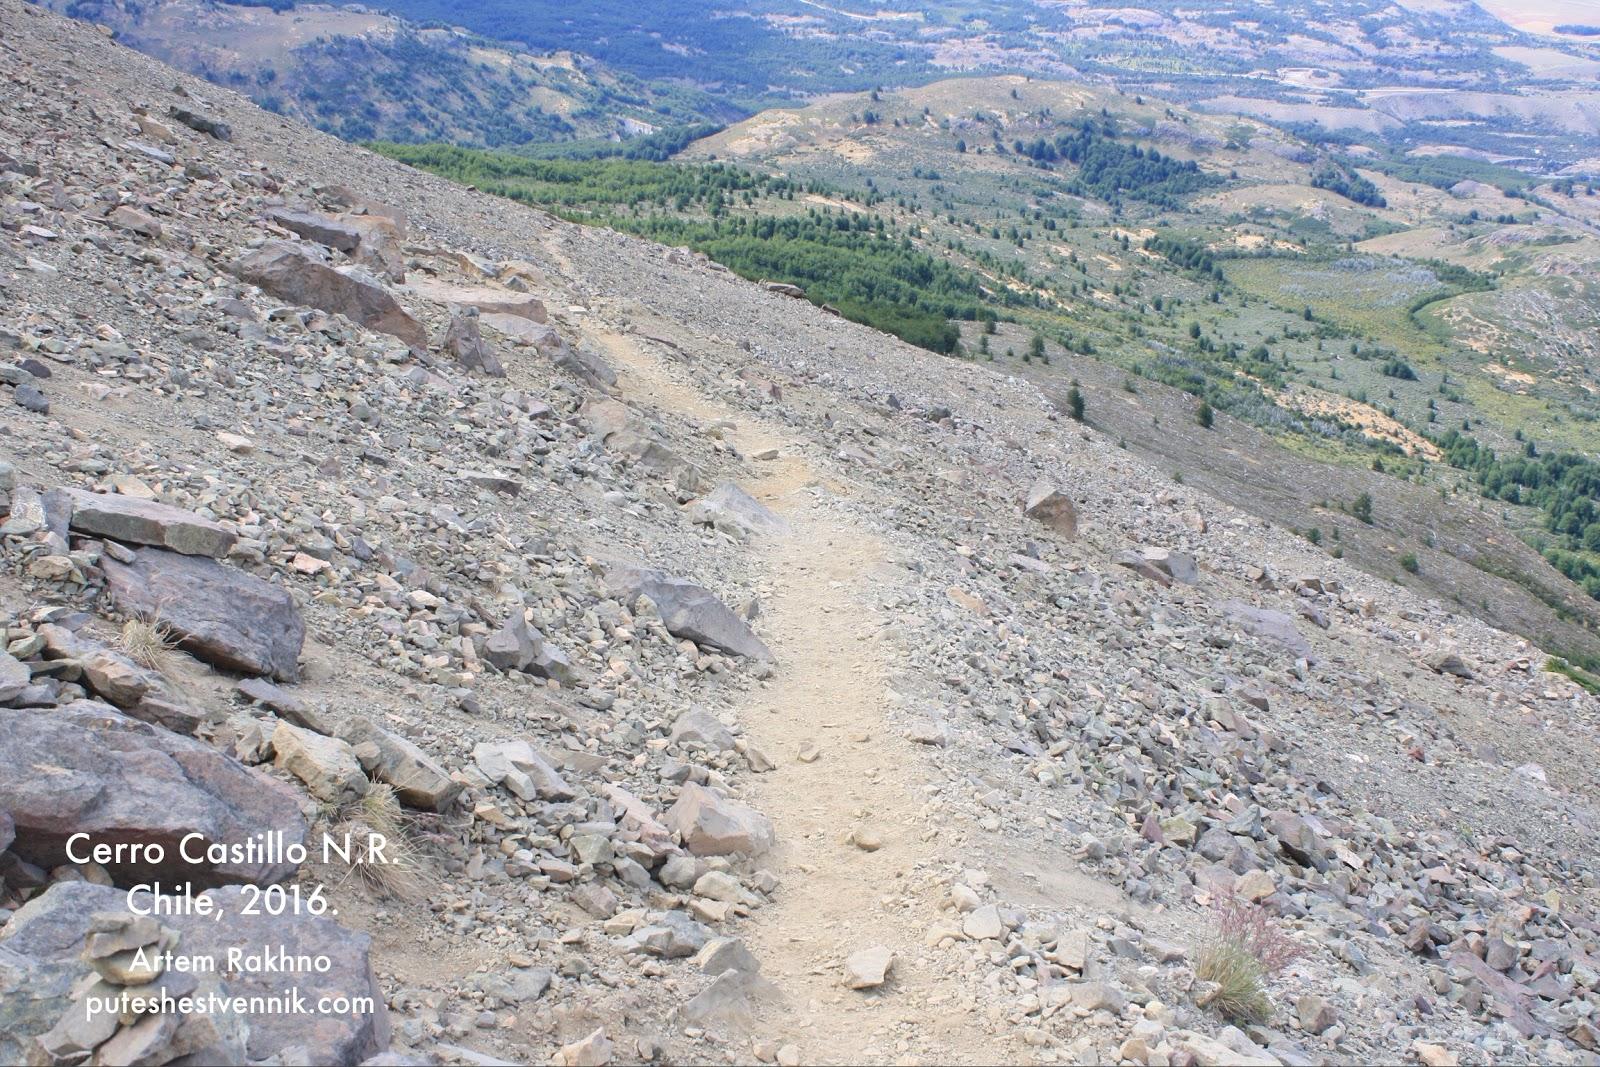 Тропа в горах Чили